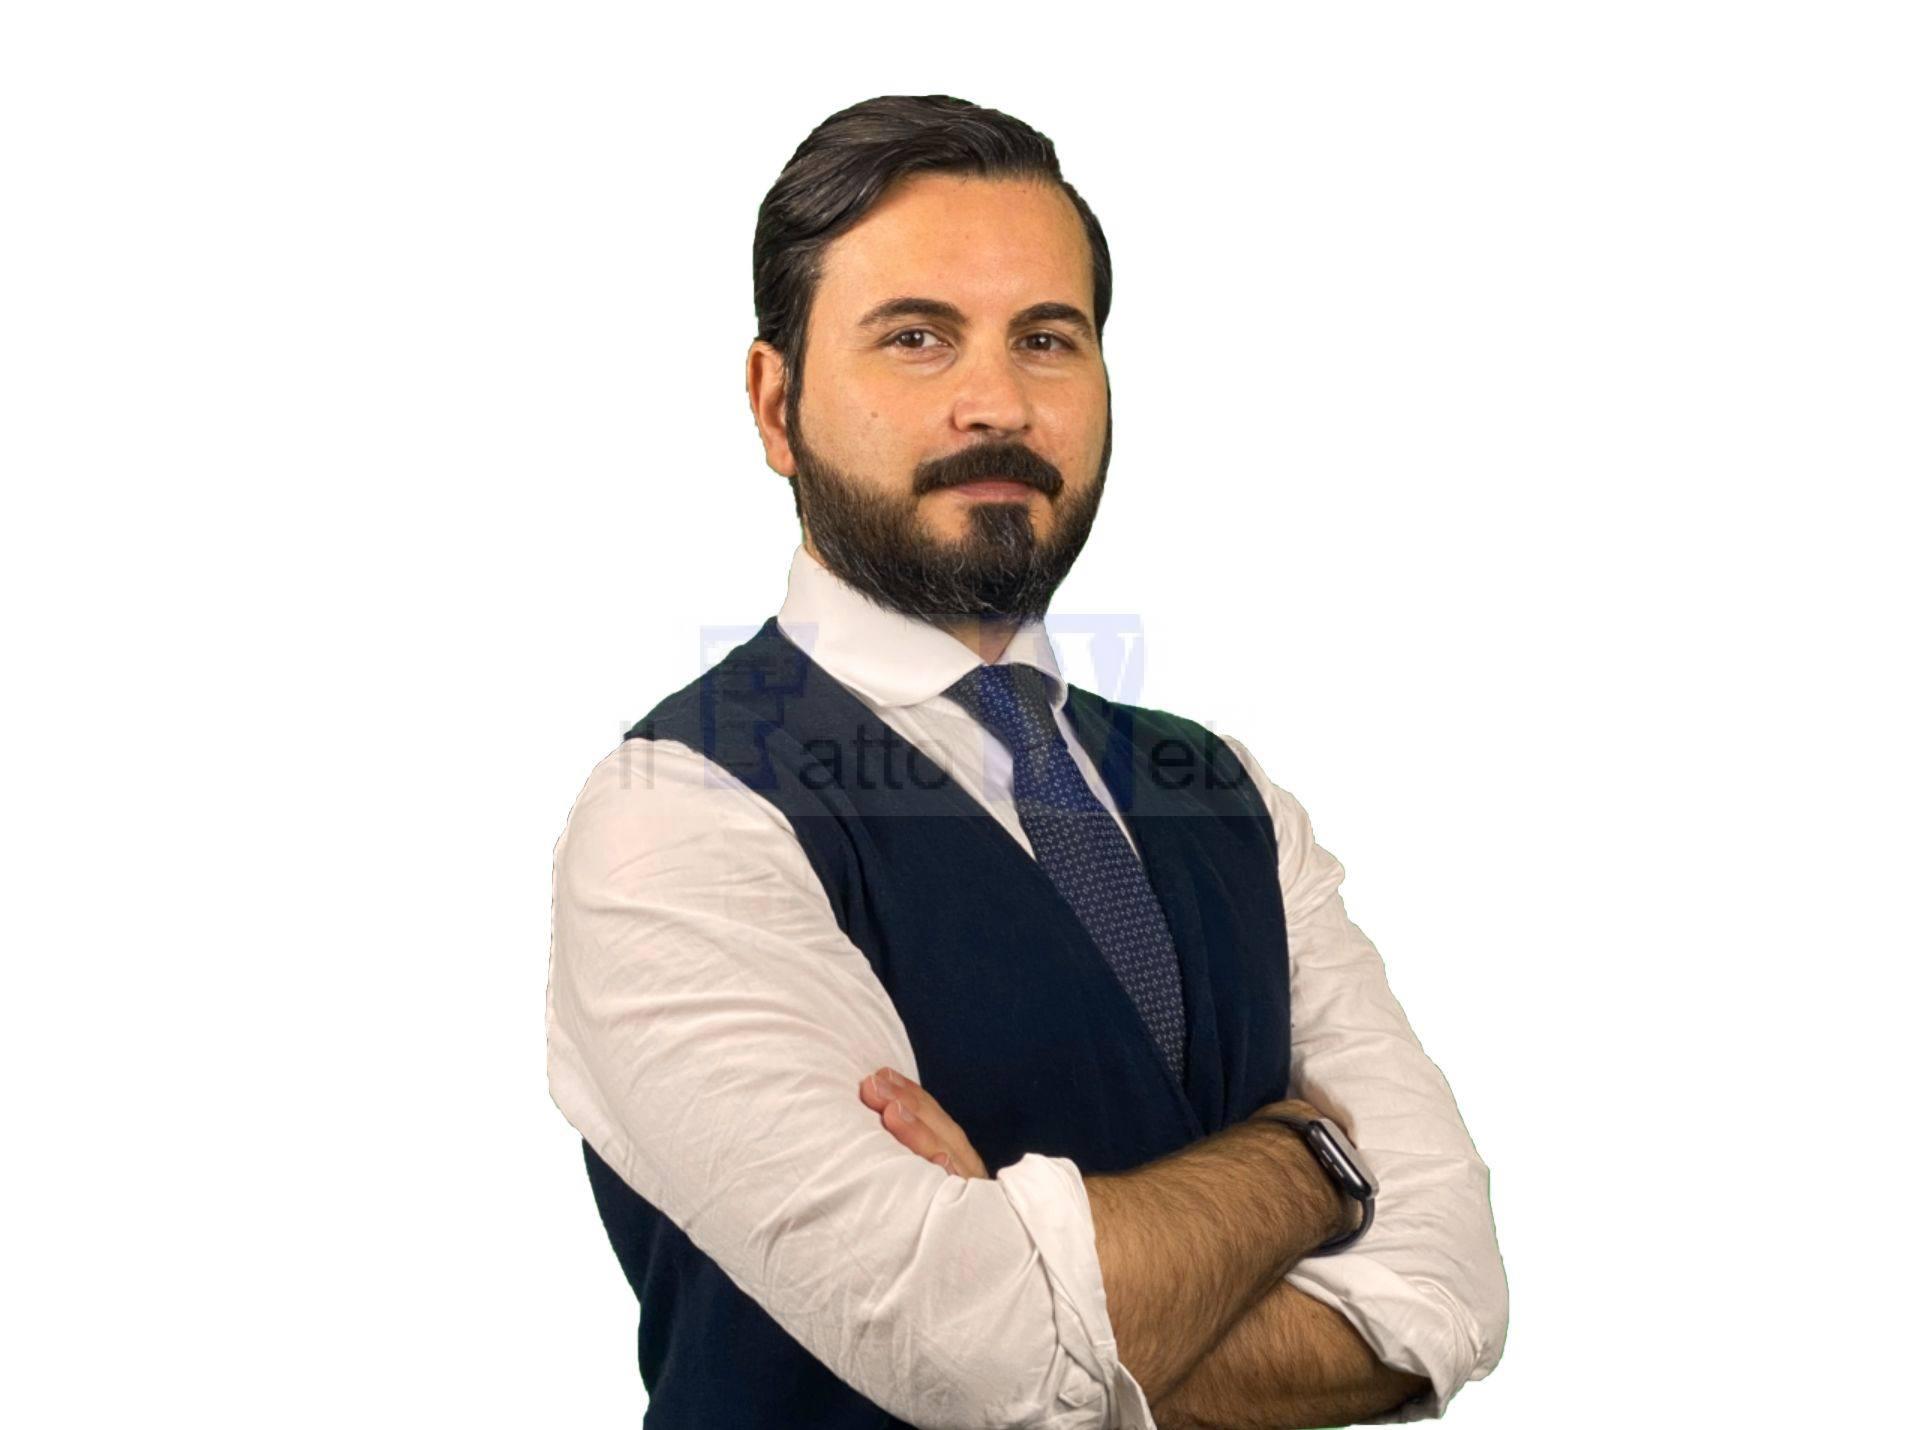 Marraffino (Lega) eletto presidente della terza commissione consiliare II municipio